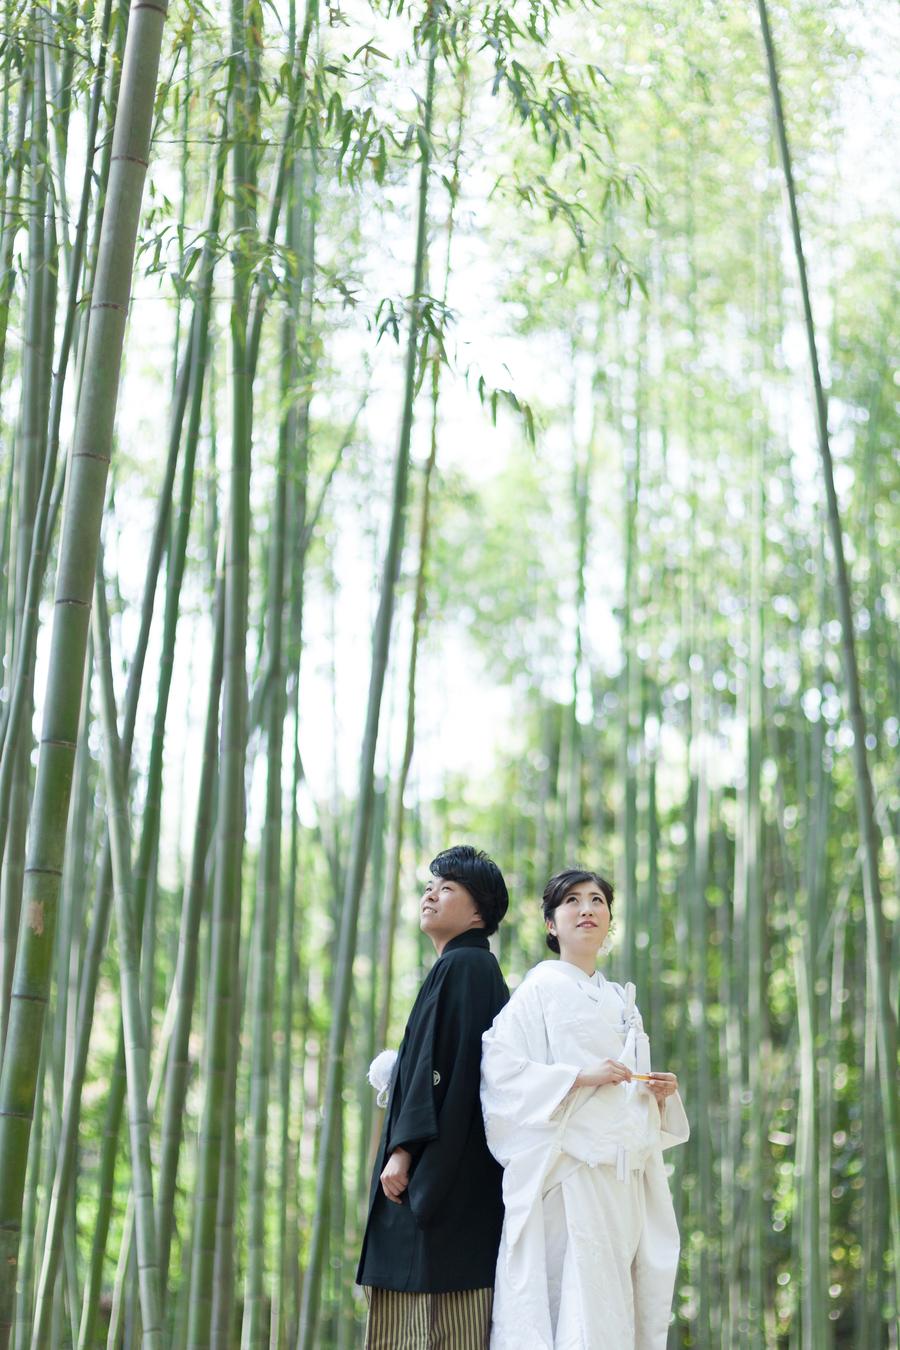 嵐山竹林の和装ロケ